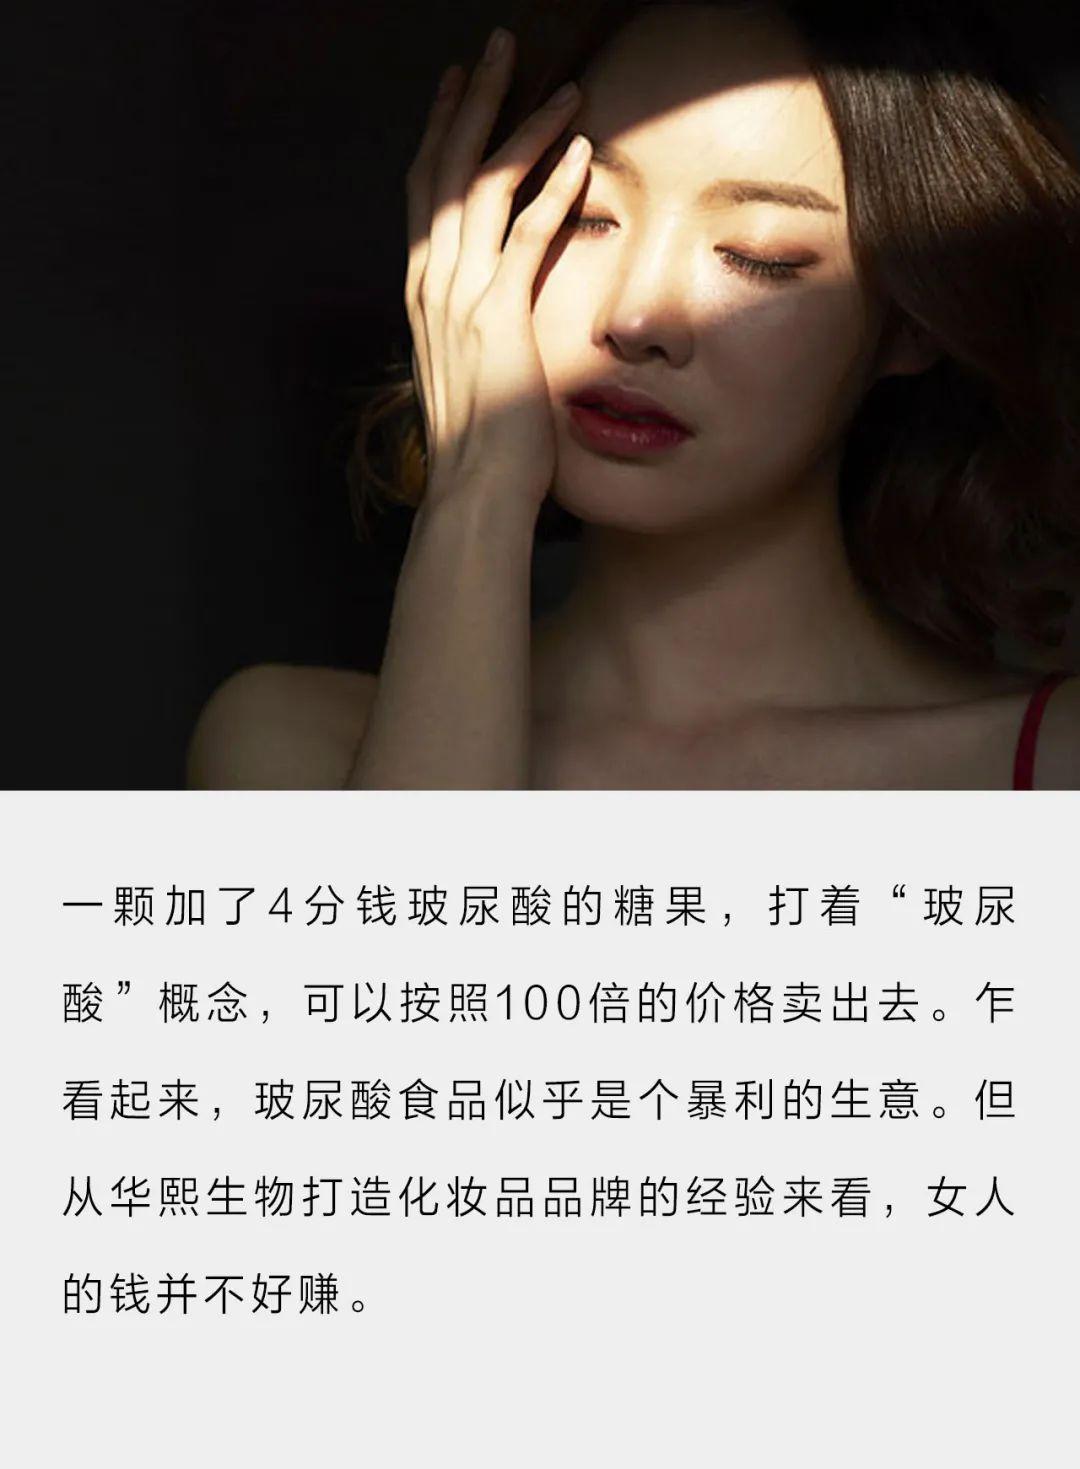 地产女富豪卖玻尿酸赚到460亿身家 玻尿酸护肤